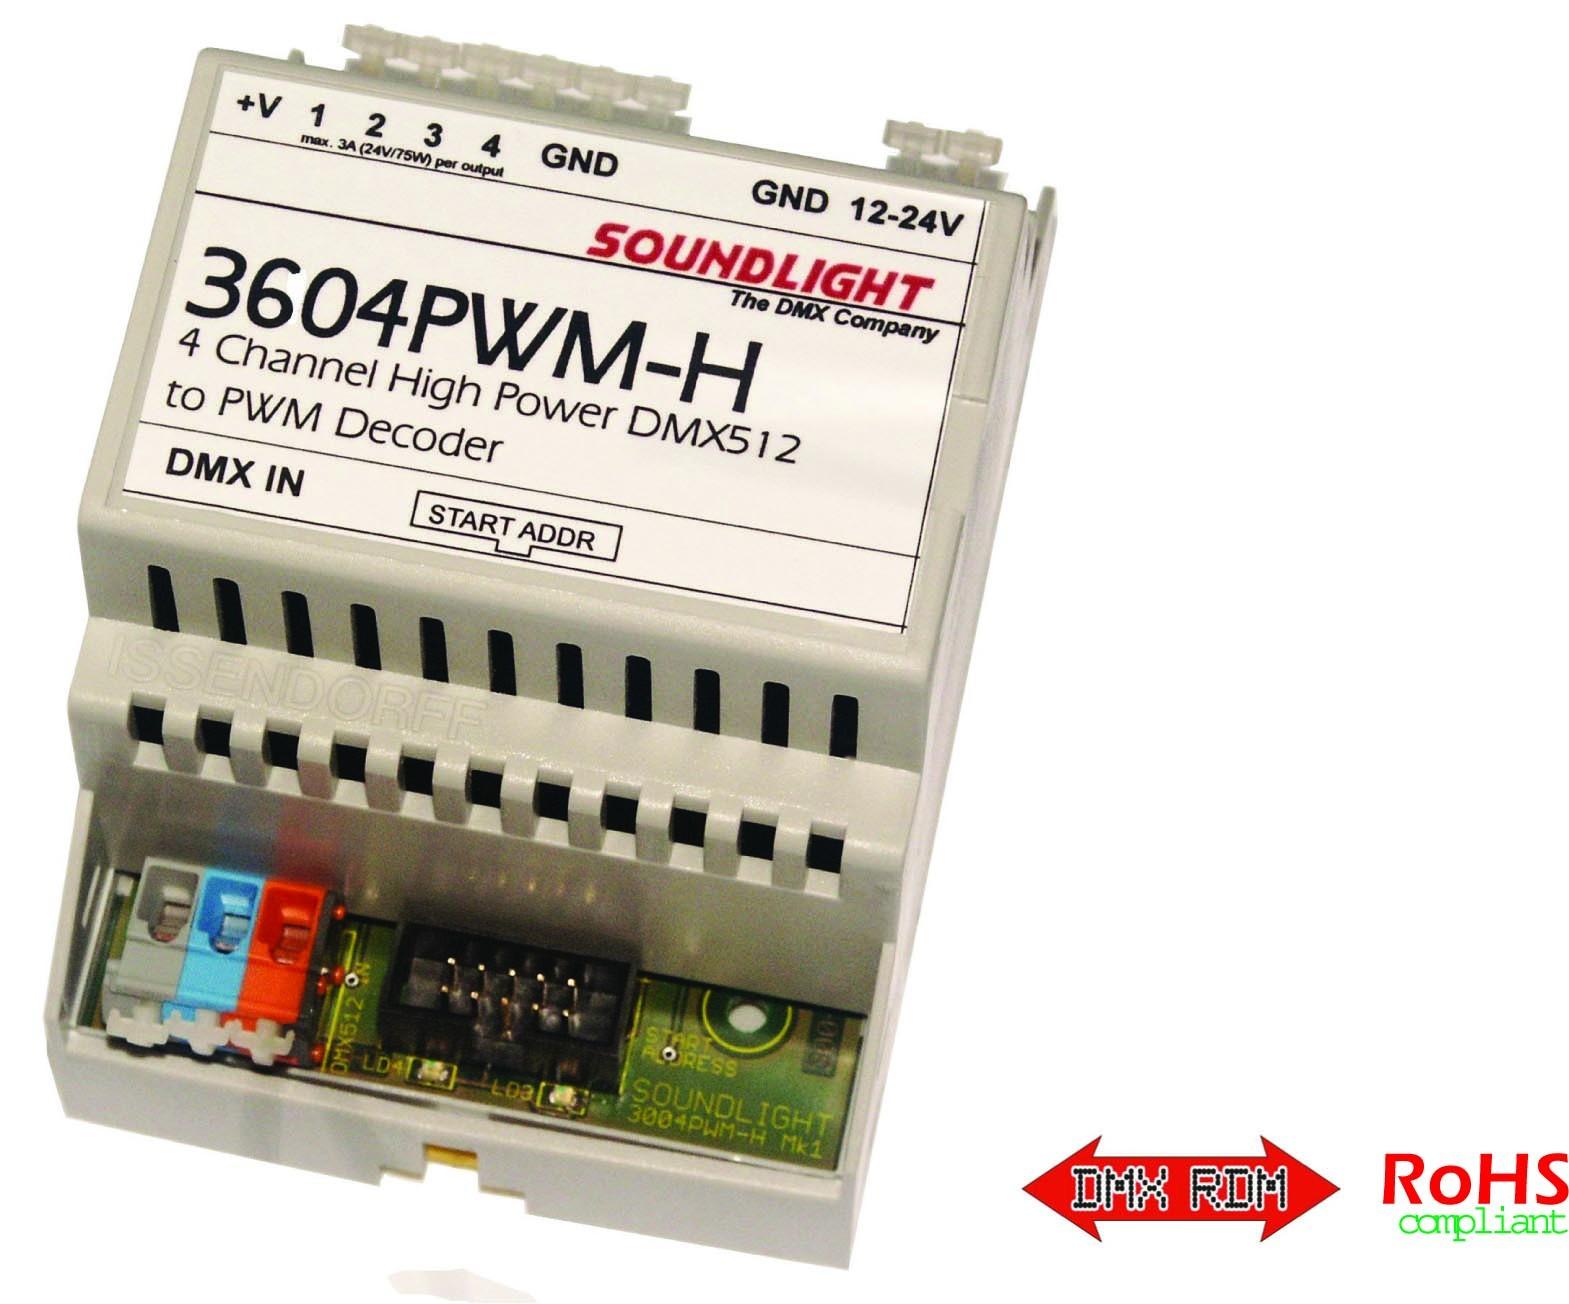 3604PWM-H | DMX / PWM decoder, RDM